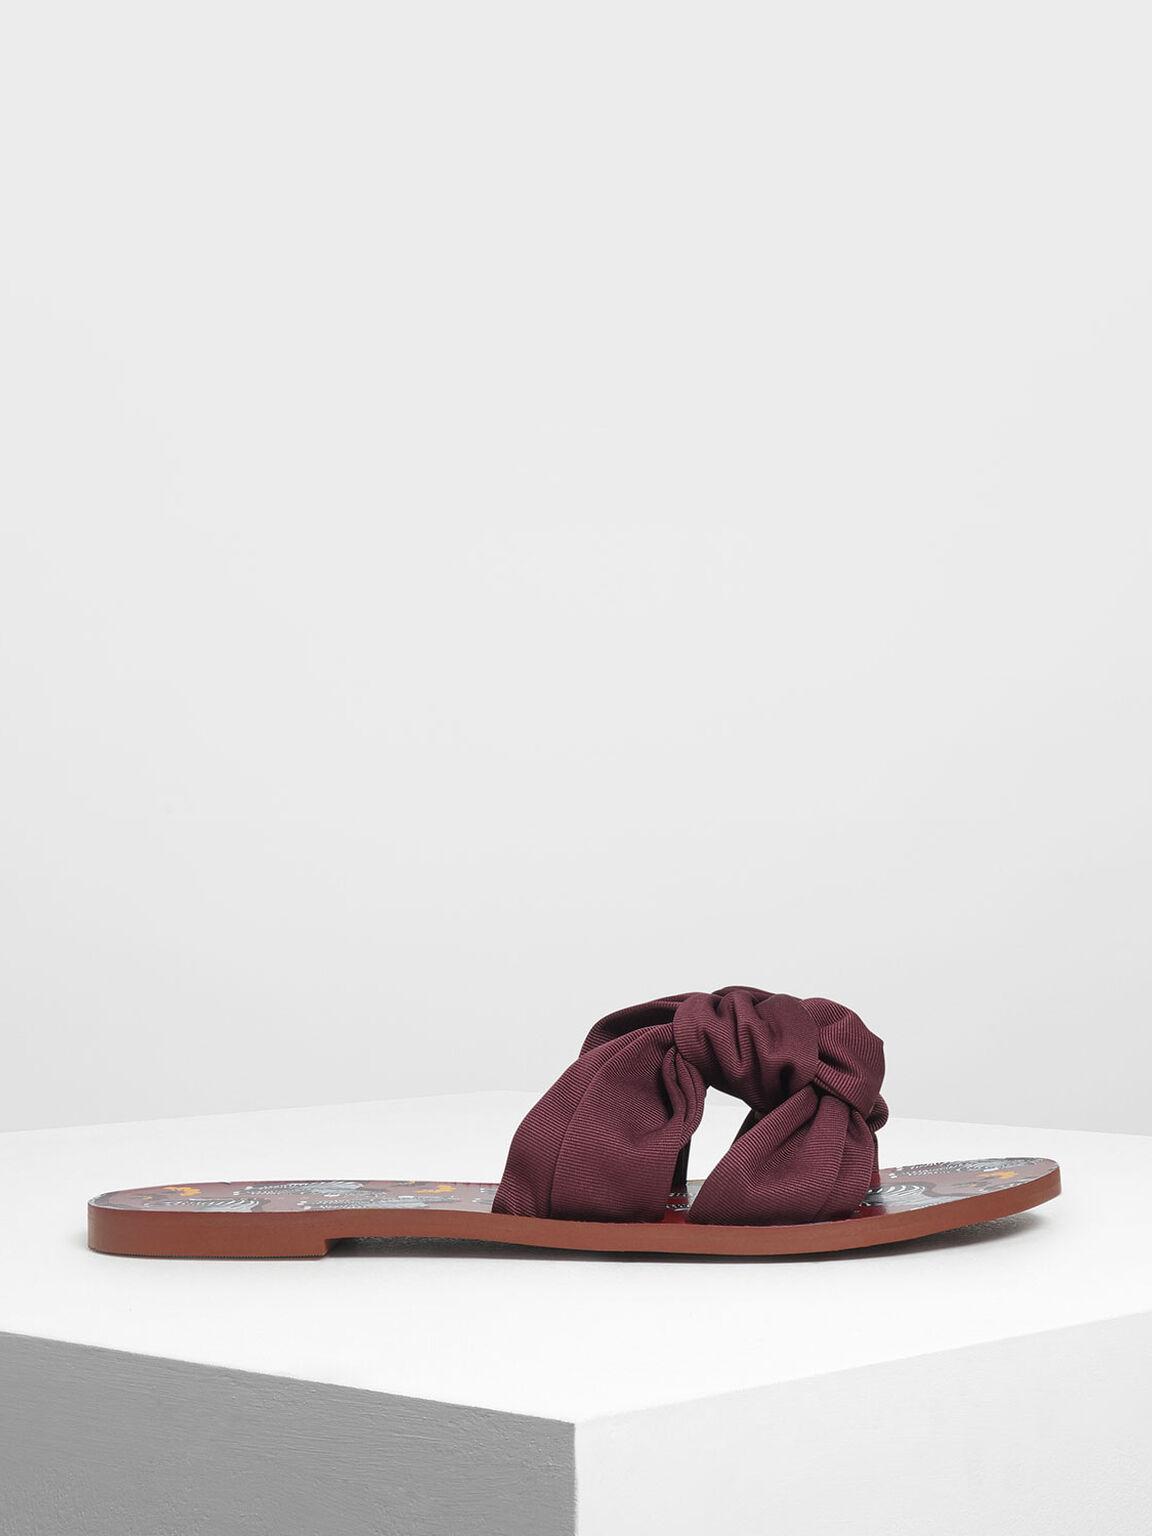 Knotted Slide Sandals, Burgundy, hi-res